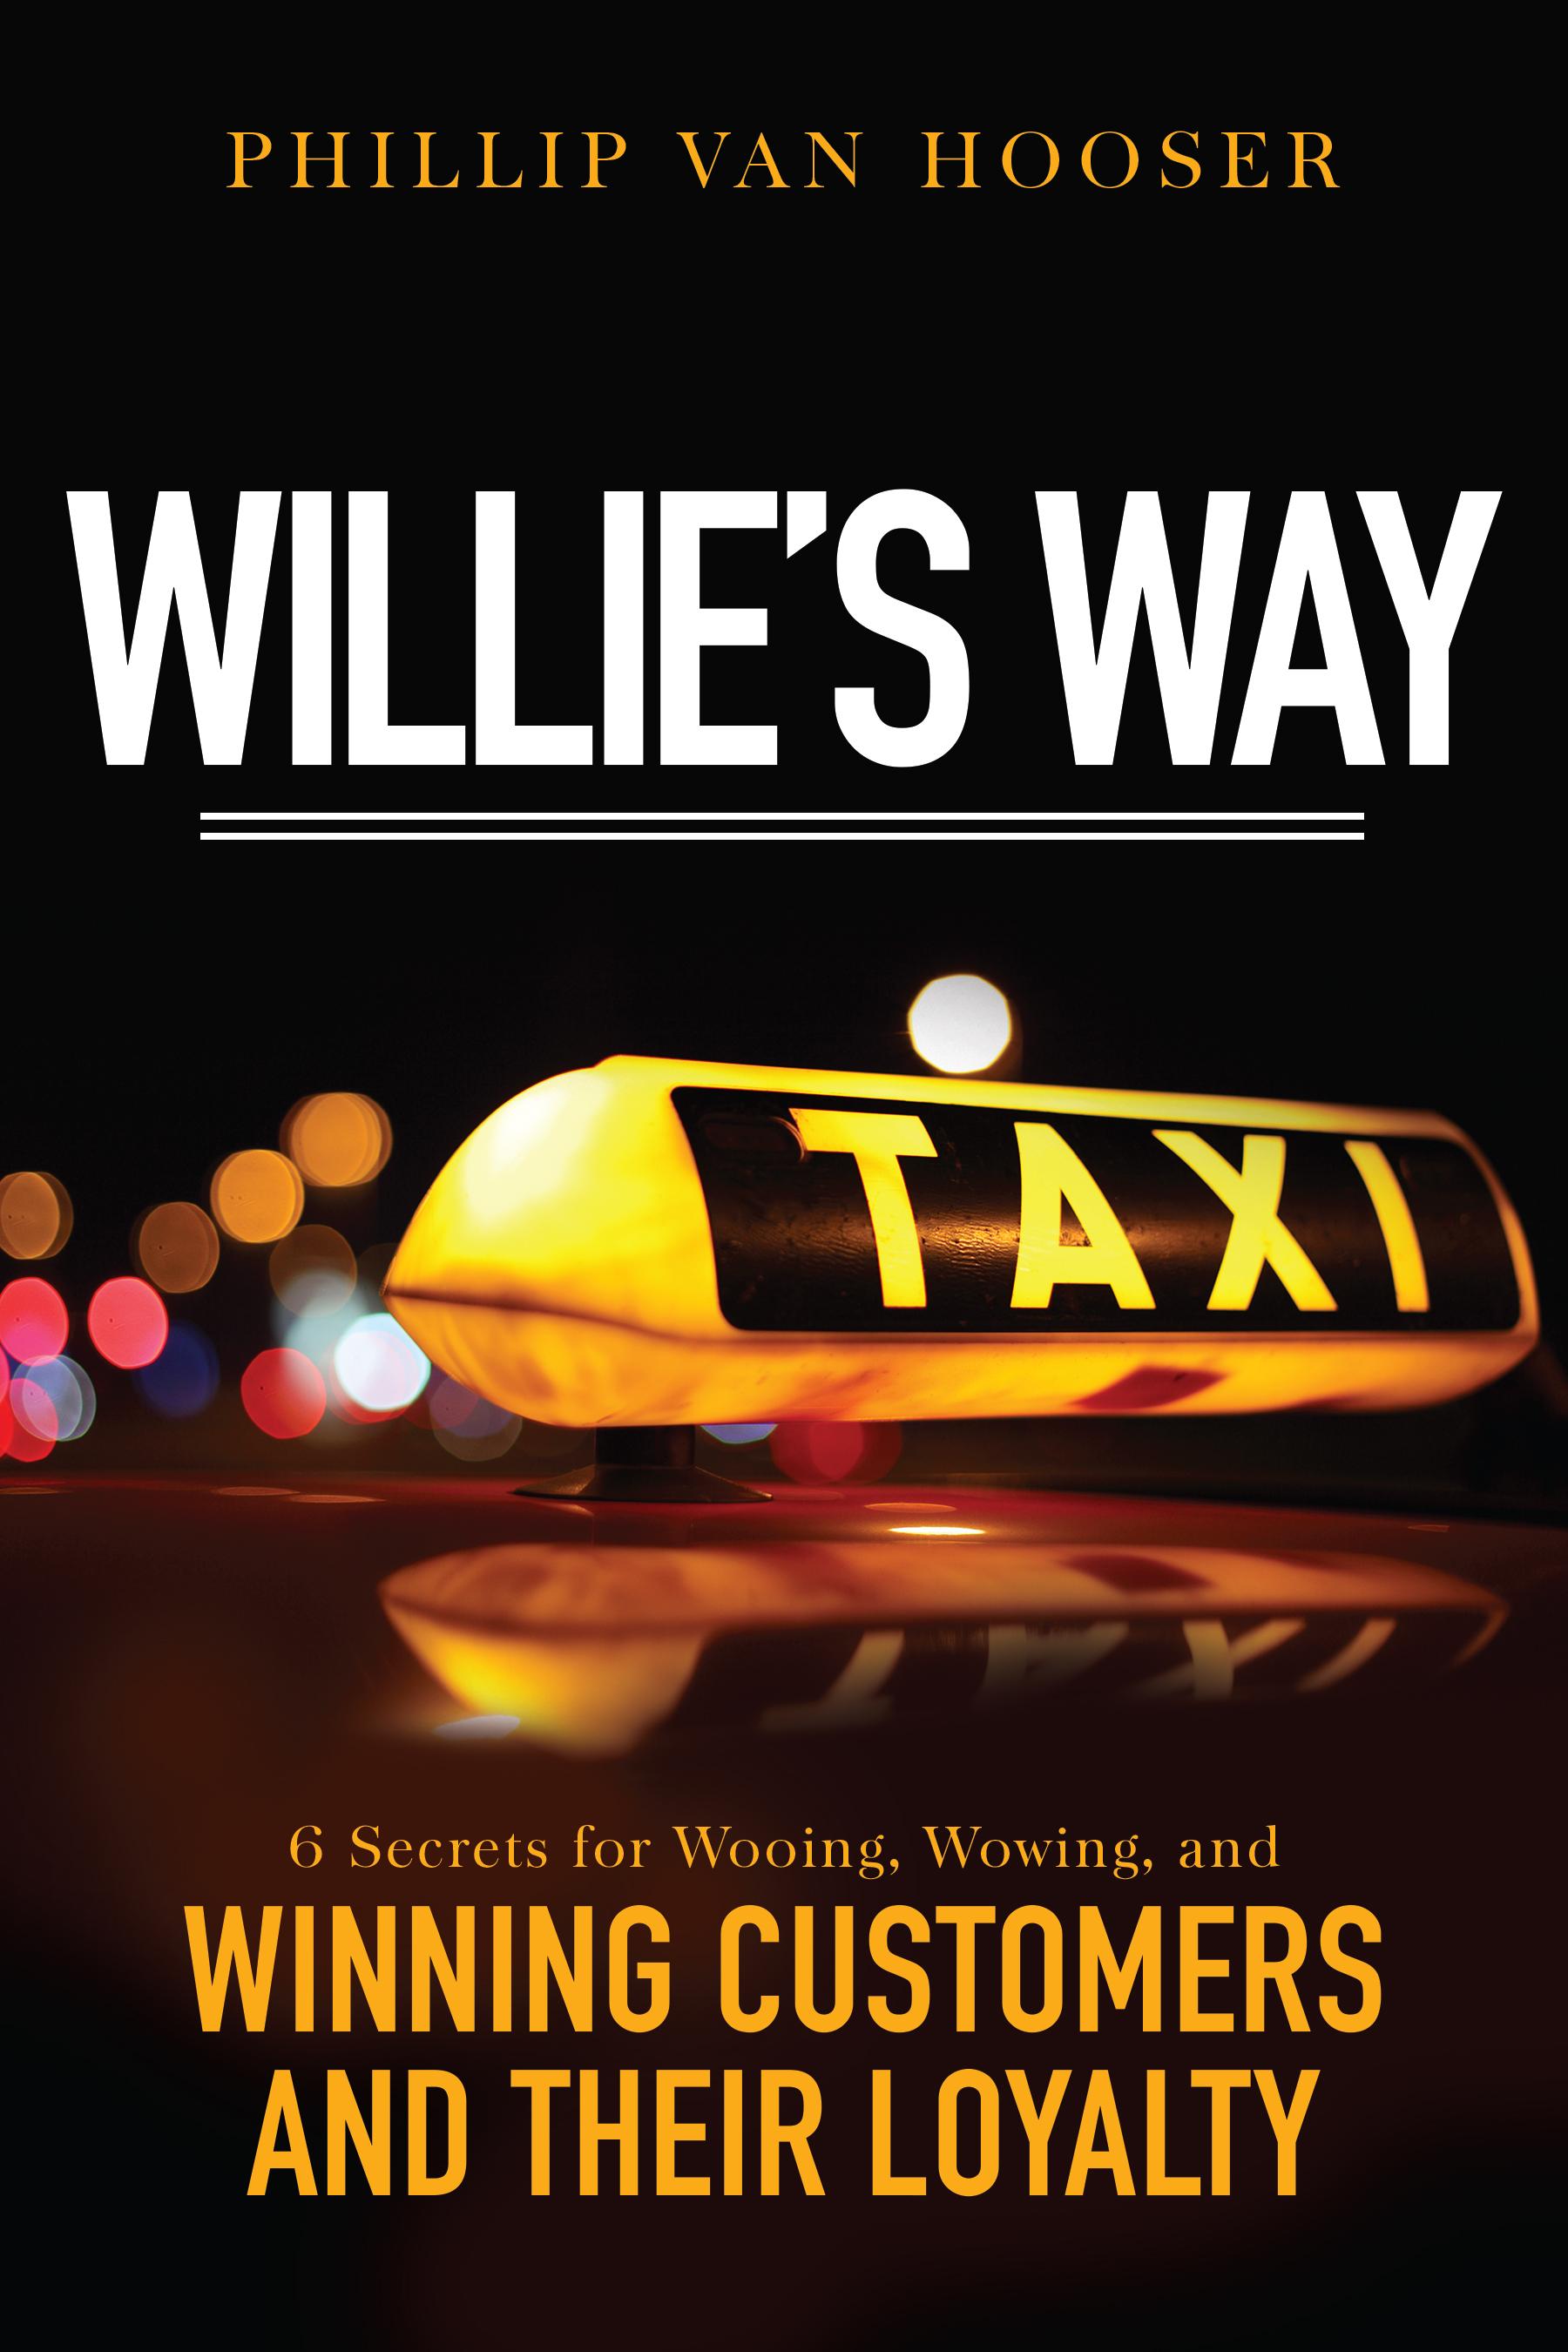 Willie's Way - Phillip Van Hooser